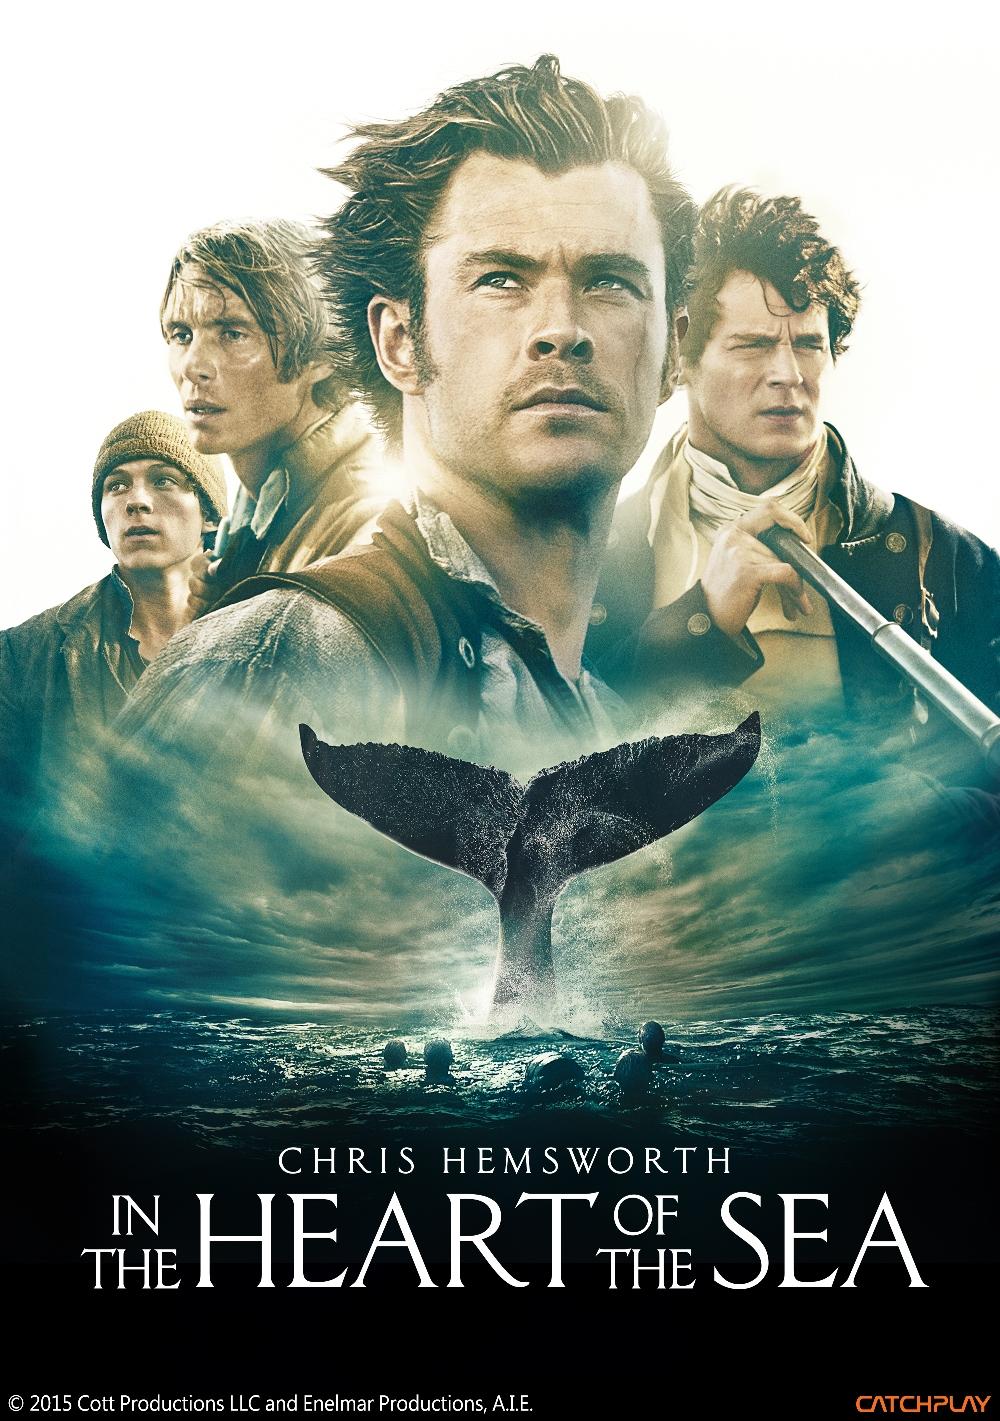 四月份friDay影音推出好萊塢超強新片《白鯨傳奇怒海之心》